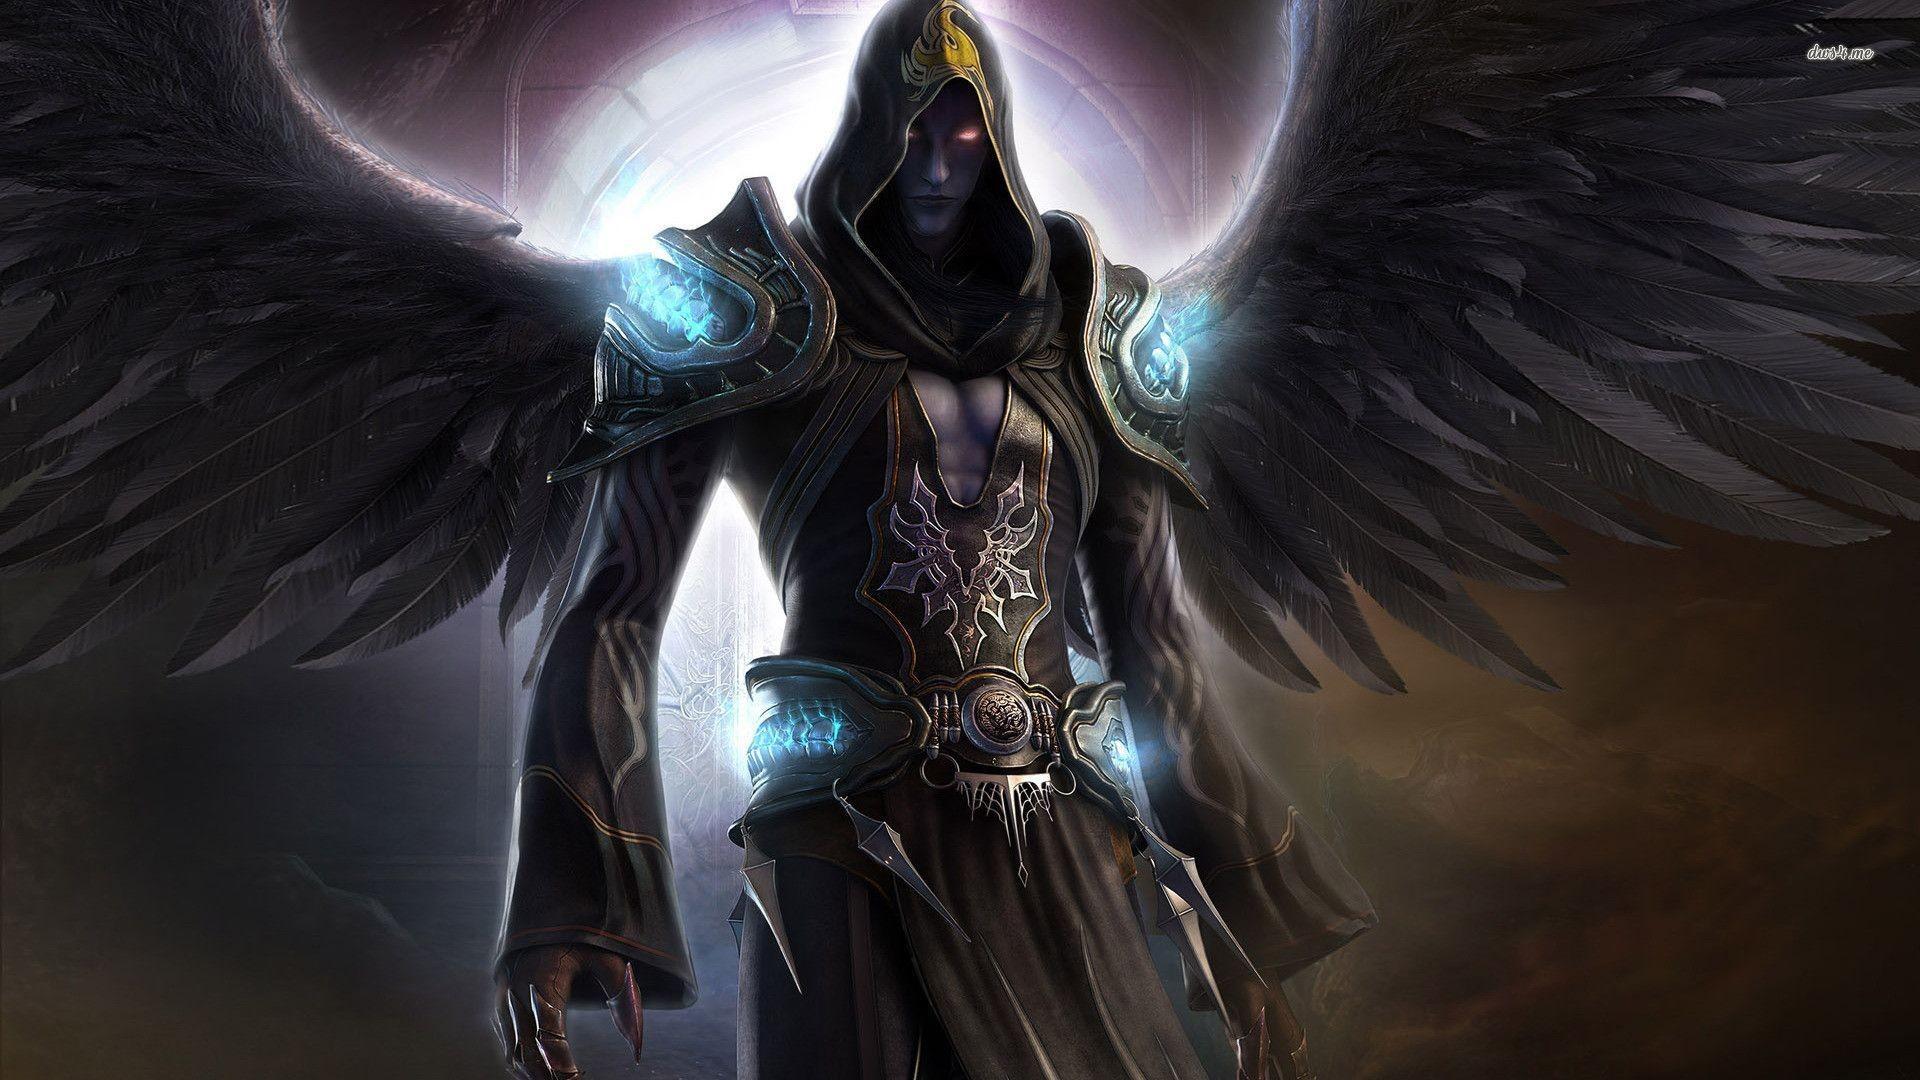 dark angels wallpaper Related Pictures download dark angel girl